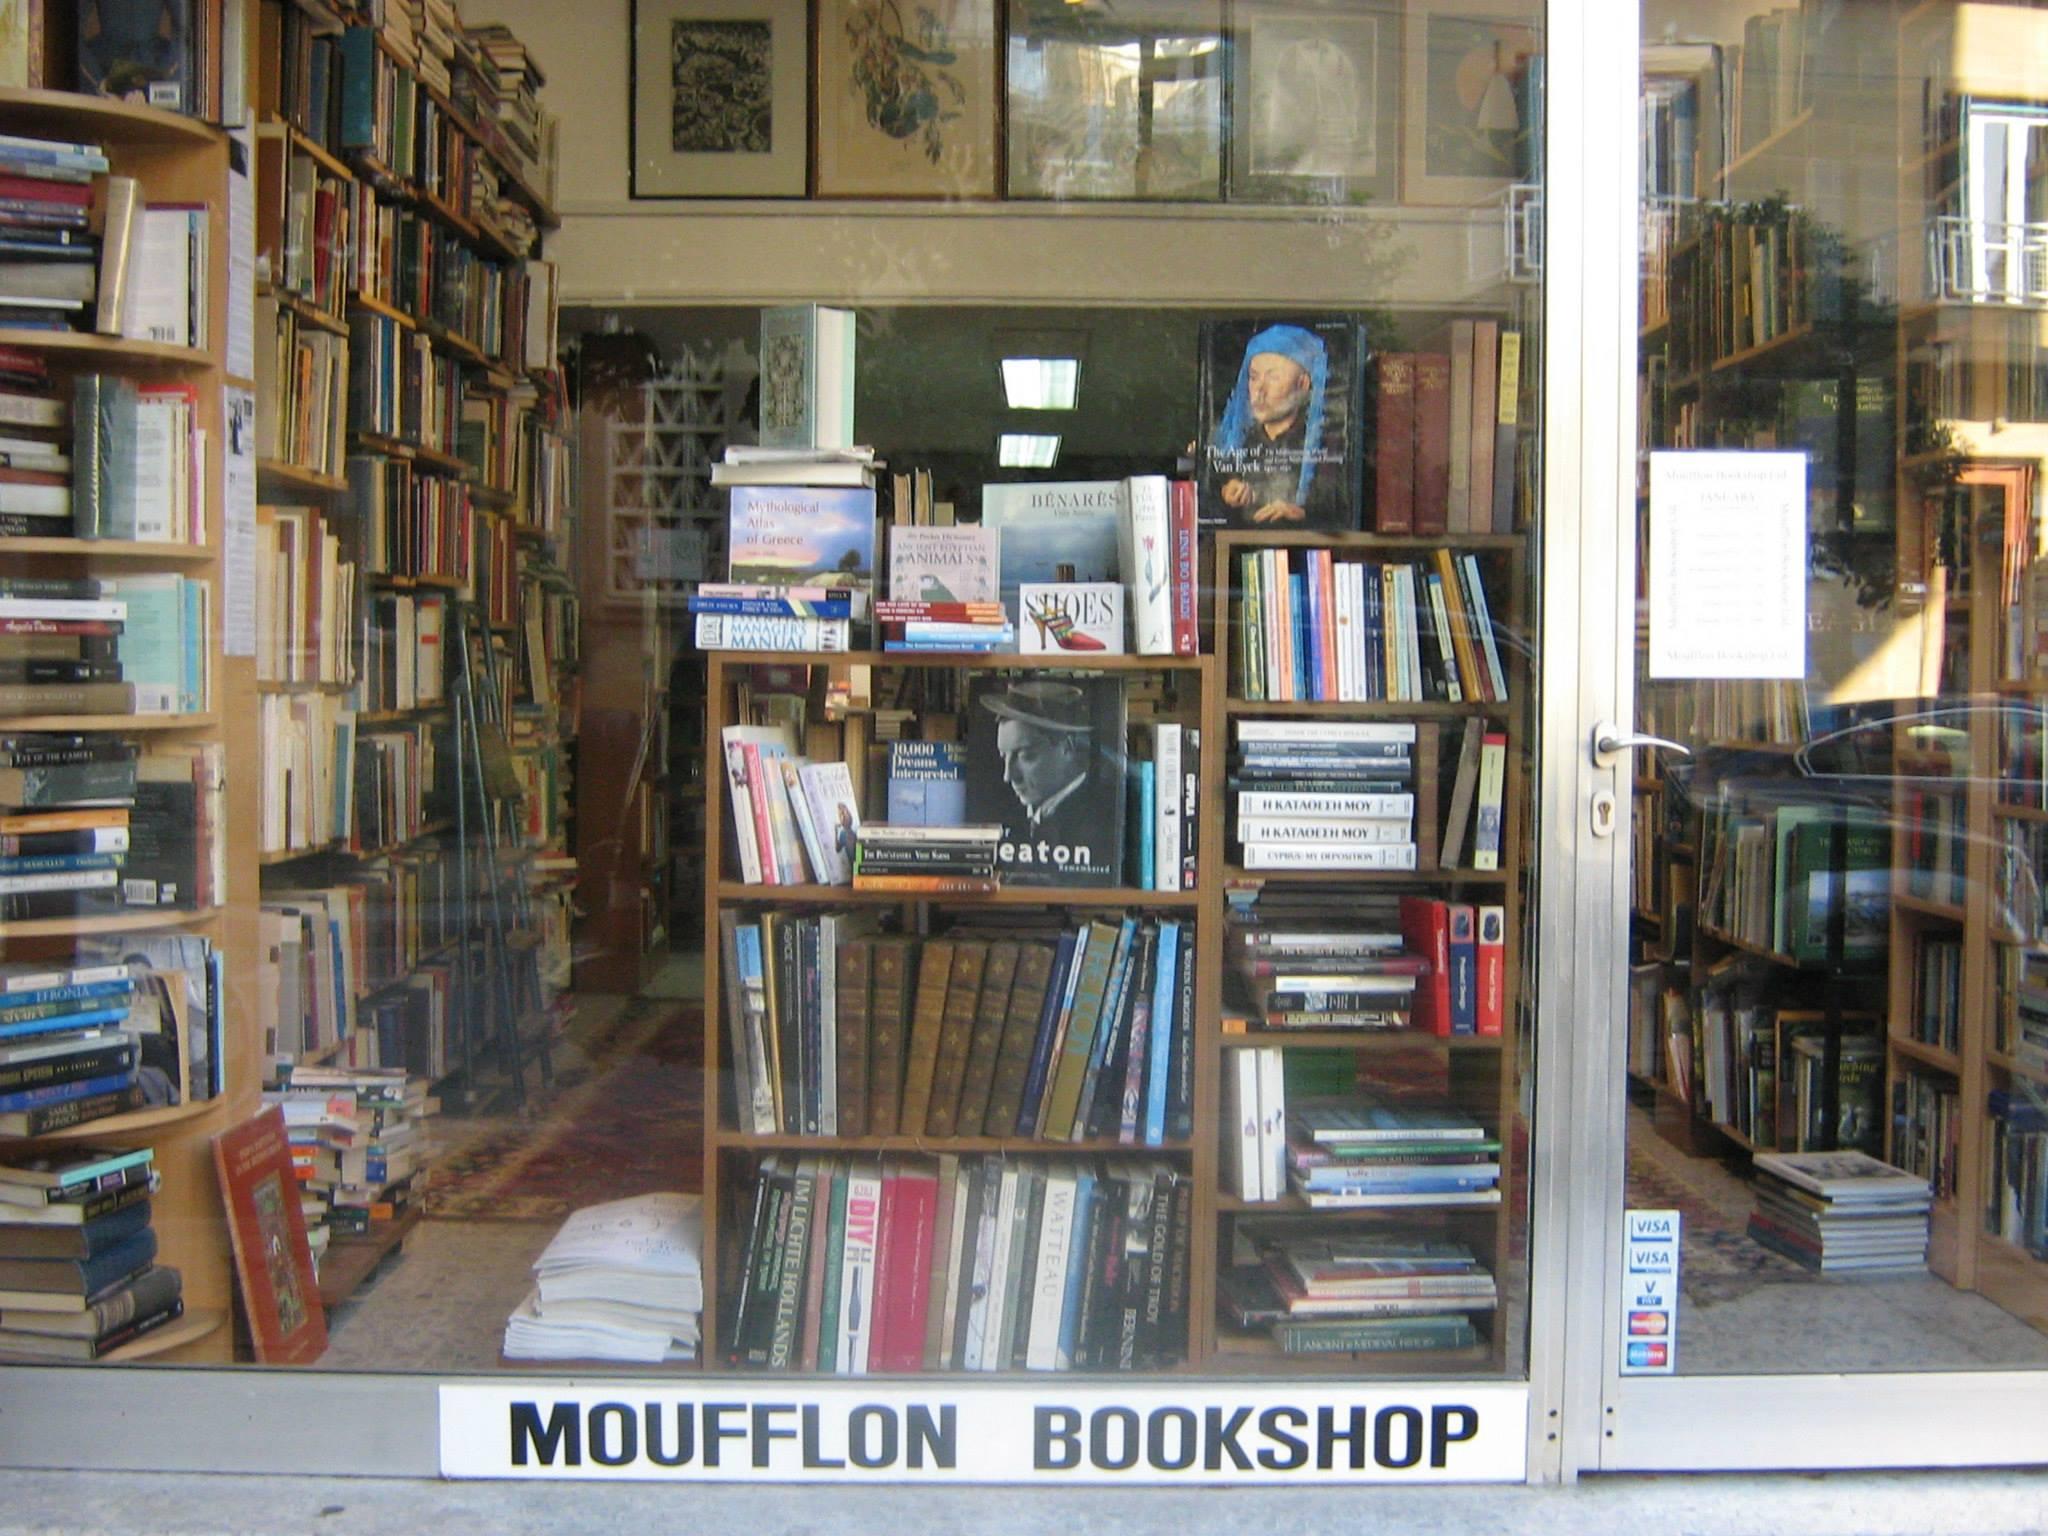 Книжный магазин Moufflon Bookshop в Никосии, Кипр. Источник: фейсбук-страница магазина